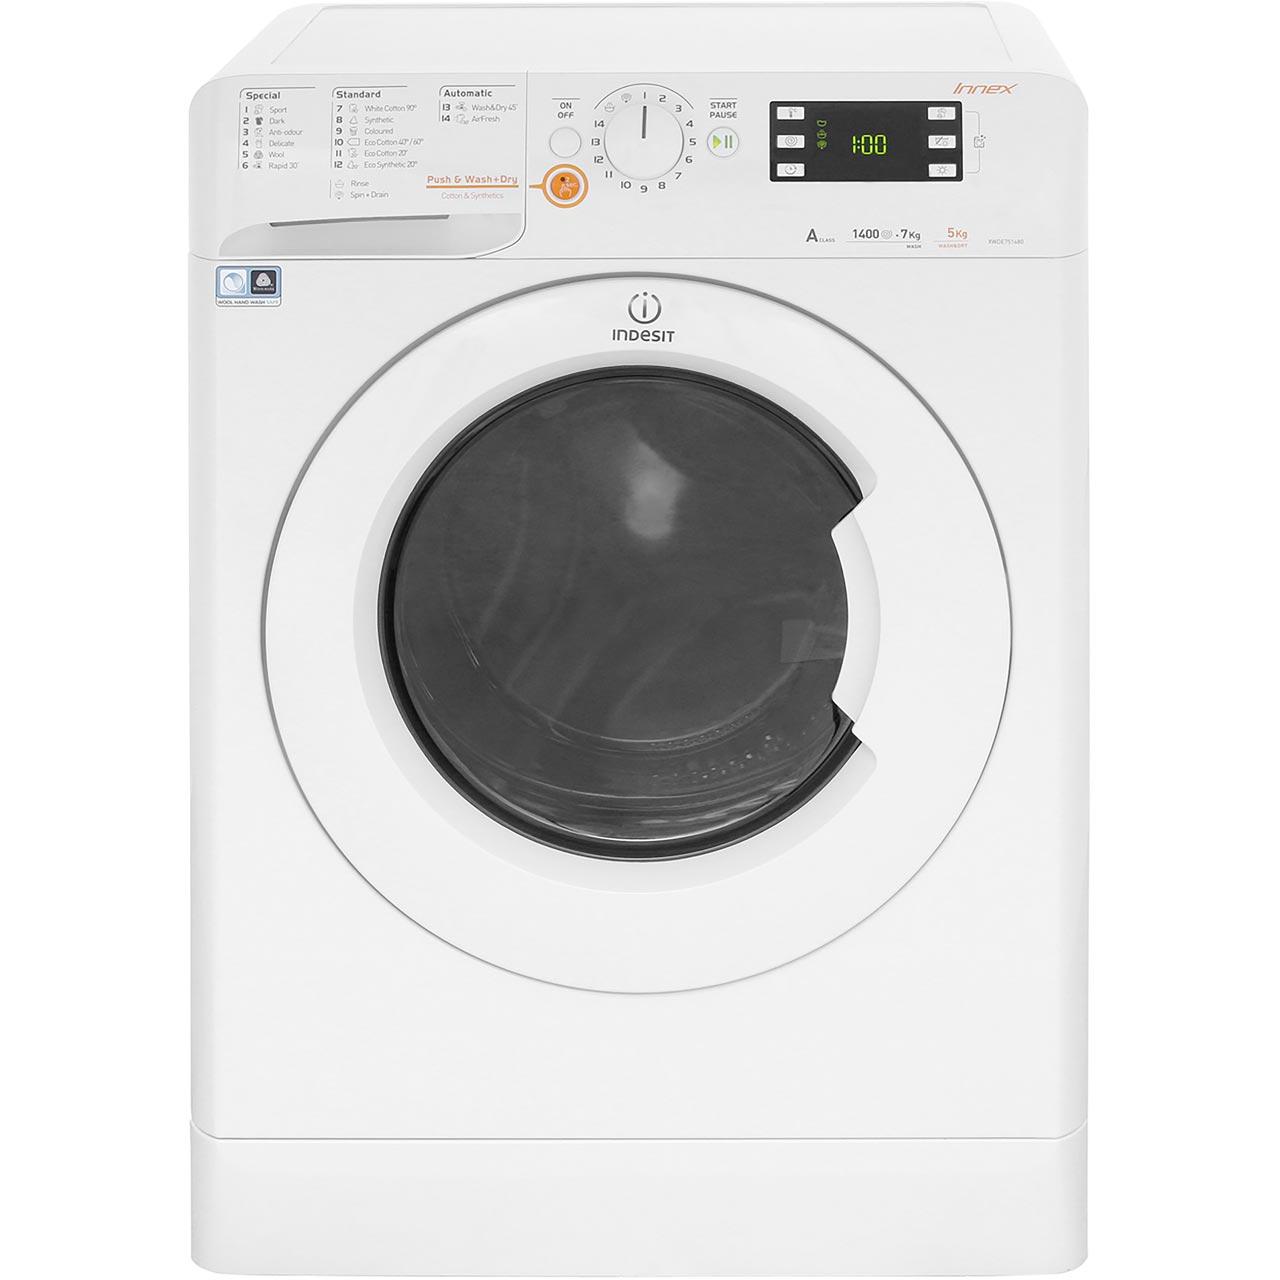 indesit innex washer dryer instructions